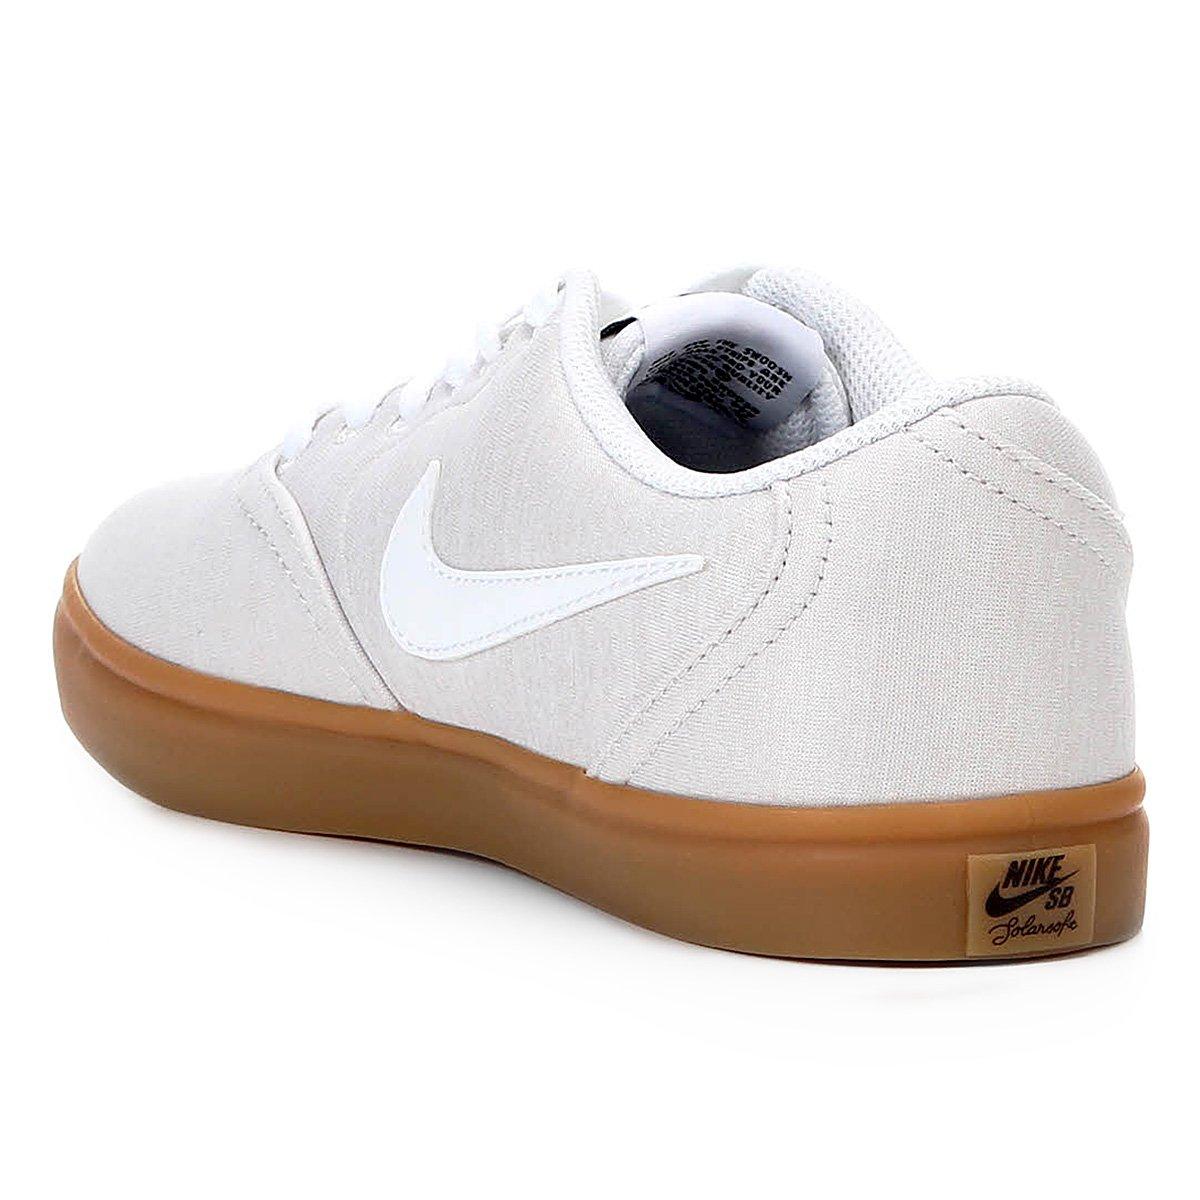 c52da75e40625 Tênis Nike Wmns Sb Check Solar Cvs P Feminino - Tam: 39 - Shopping ...